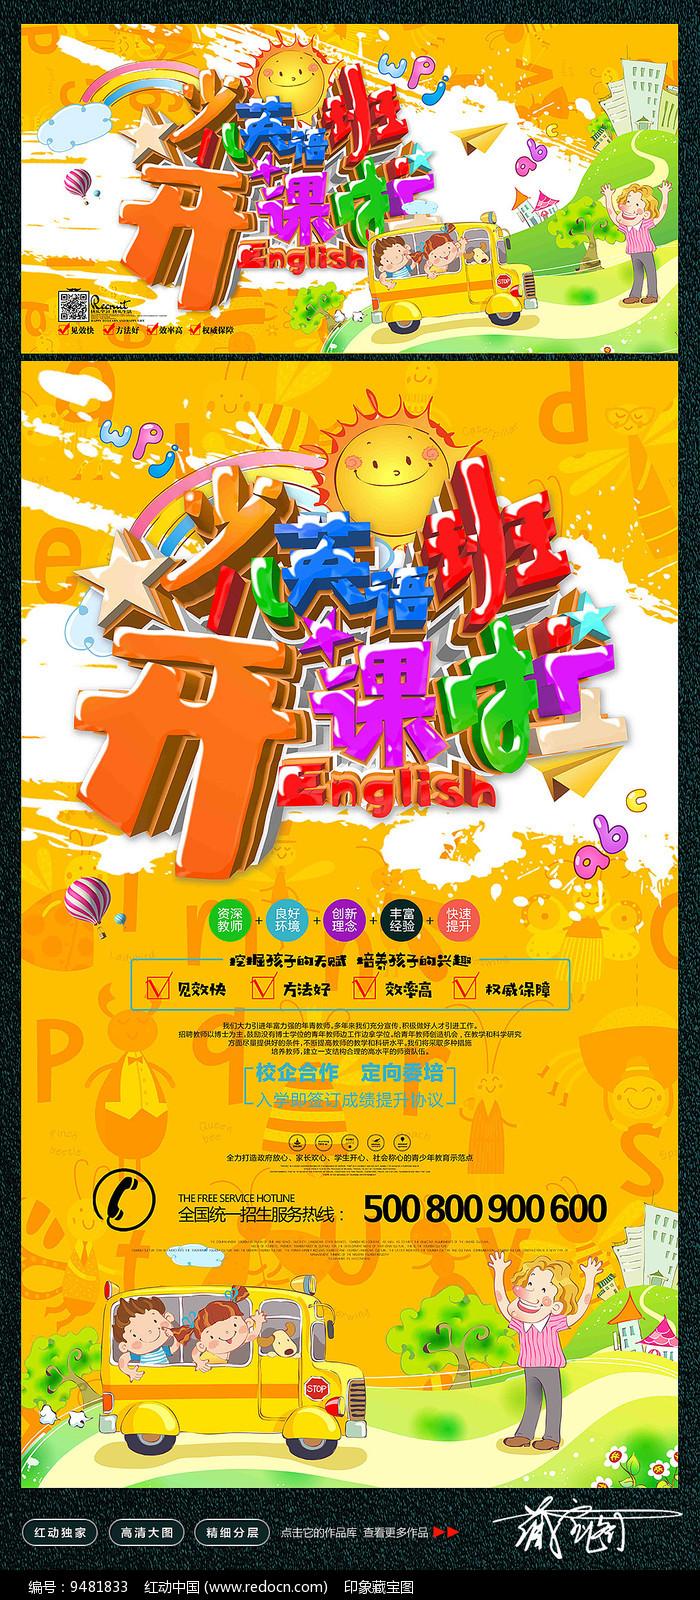 少儿英语班假期辅导培训海报图片